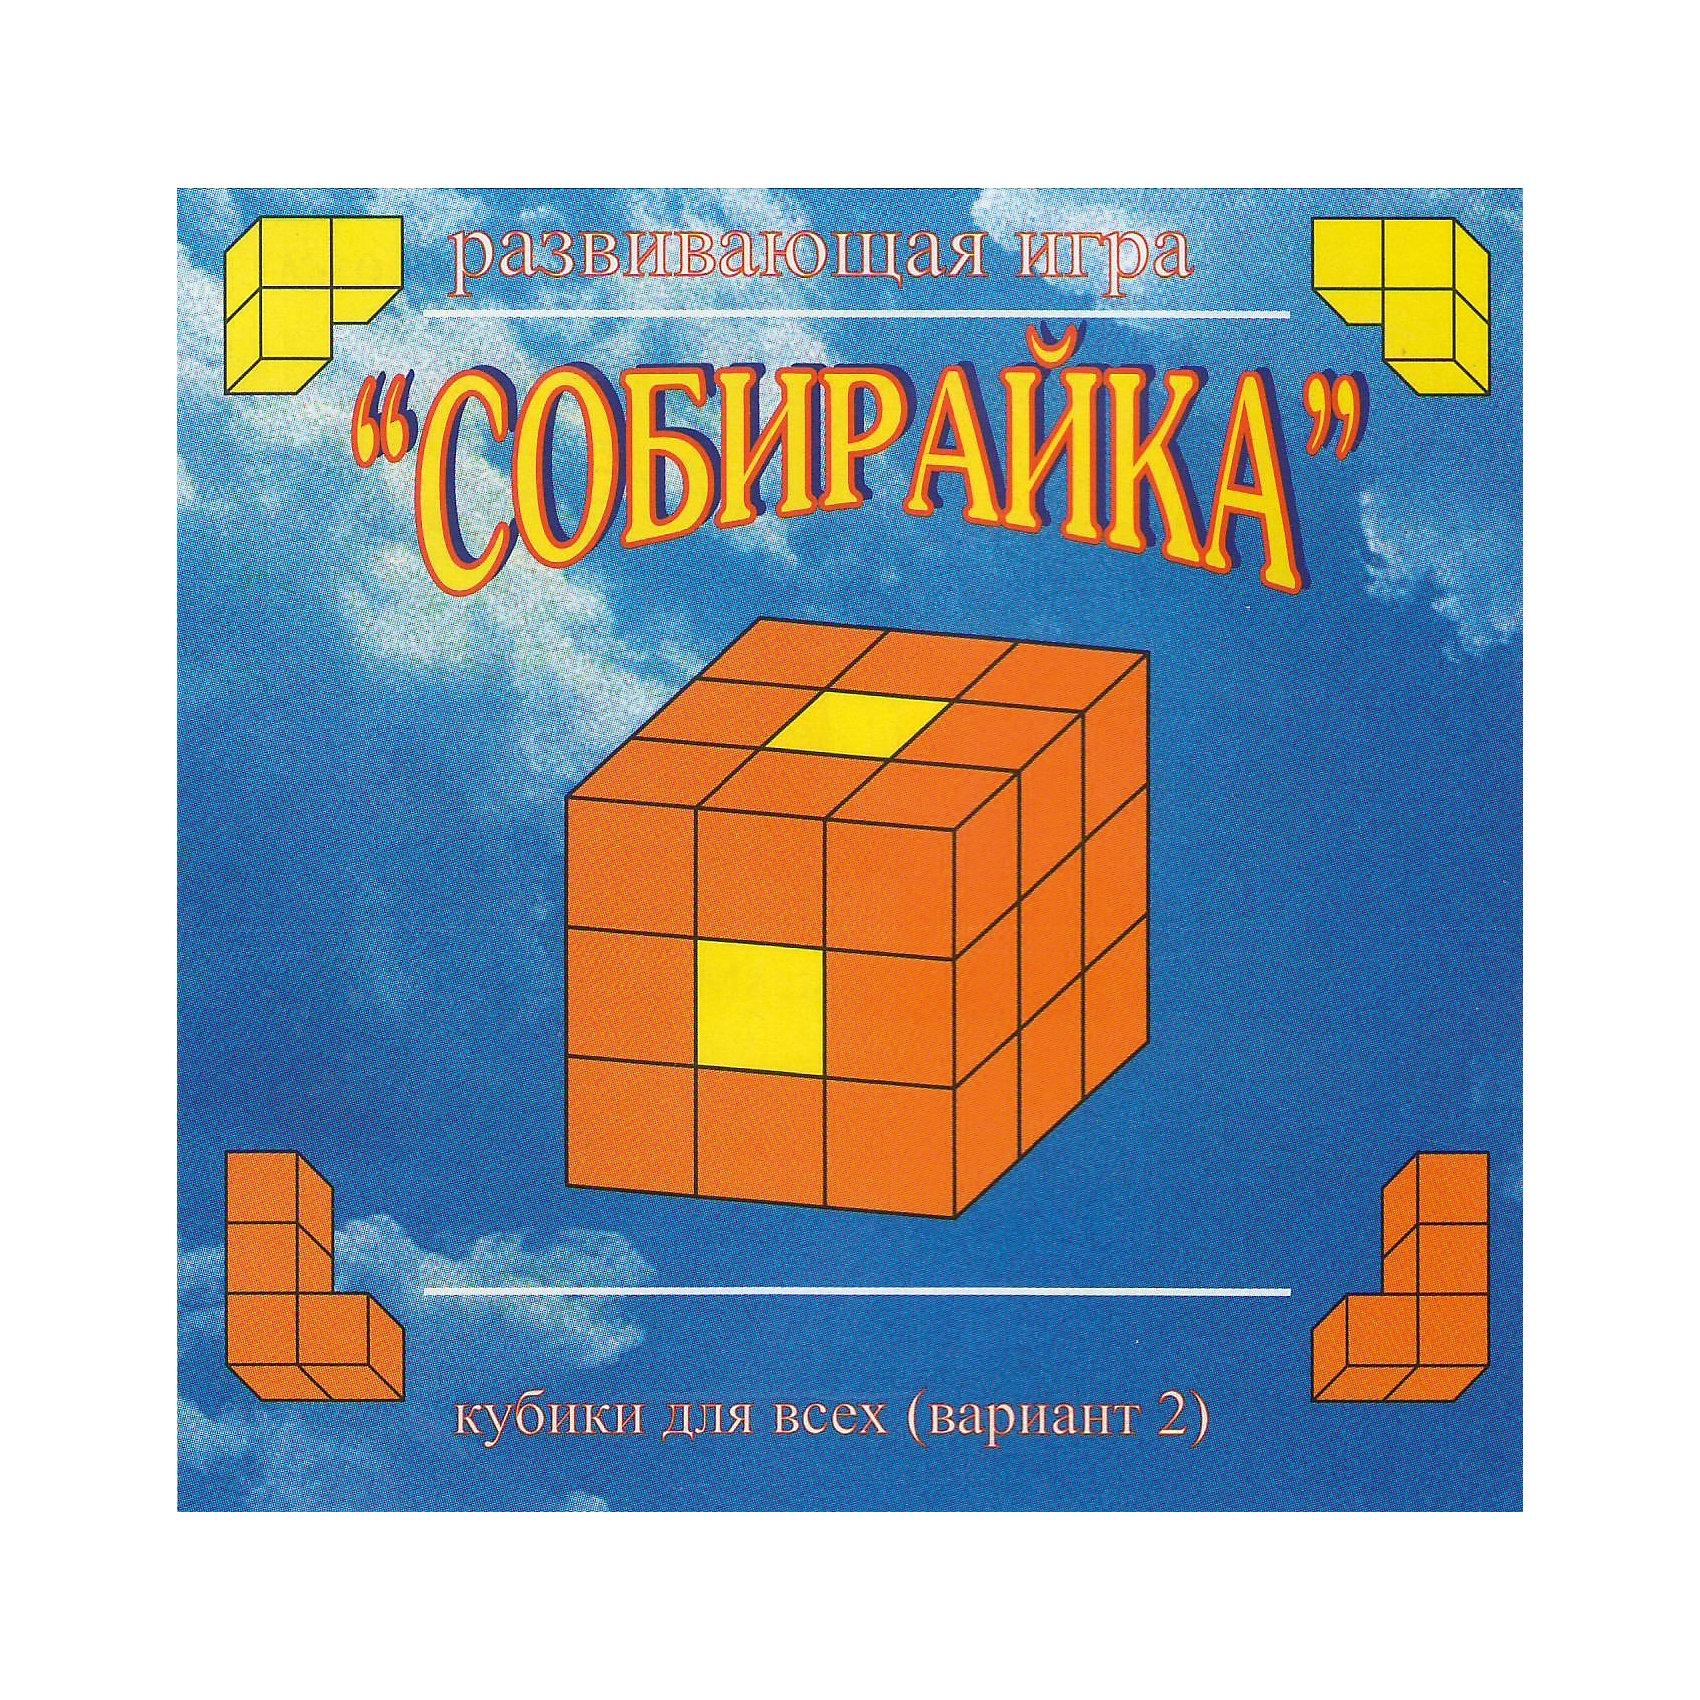 Развивающая игра «Собирайка. Кубики для всех»Развивающие игры<br>№2-Собирайка-состоит из шести фигур, склеенных из четырёх кубиков похожих на букву Г, и одного уголка. Кубики для всех - это занимательные игры для детей от 2,5 лет и старше. Они развивают внимание, память (особенно зрительную), комбинаторные способности, пространственное представление и воображение, логическое мышление, смекалку и сообразительность. Игры интересны ребёнку тем, что он, неожиданно для себя, создаёт конструкцию, автором которой и является.  Из элементов разной конфигурации можно составлять модели как на плоскости, так и в объёме.<br><br>Ширина мм: 9<br>Глубина мм: 9<br>Высота мм: 9<br>Вес г: 150<br>Возраст от месяцев: 36<br>Возраст до месяцев: 2147483647<br>Пол: Унисекс<br>Возраст: Детский<br>SKU: 4803017